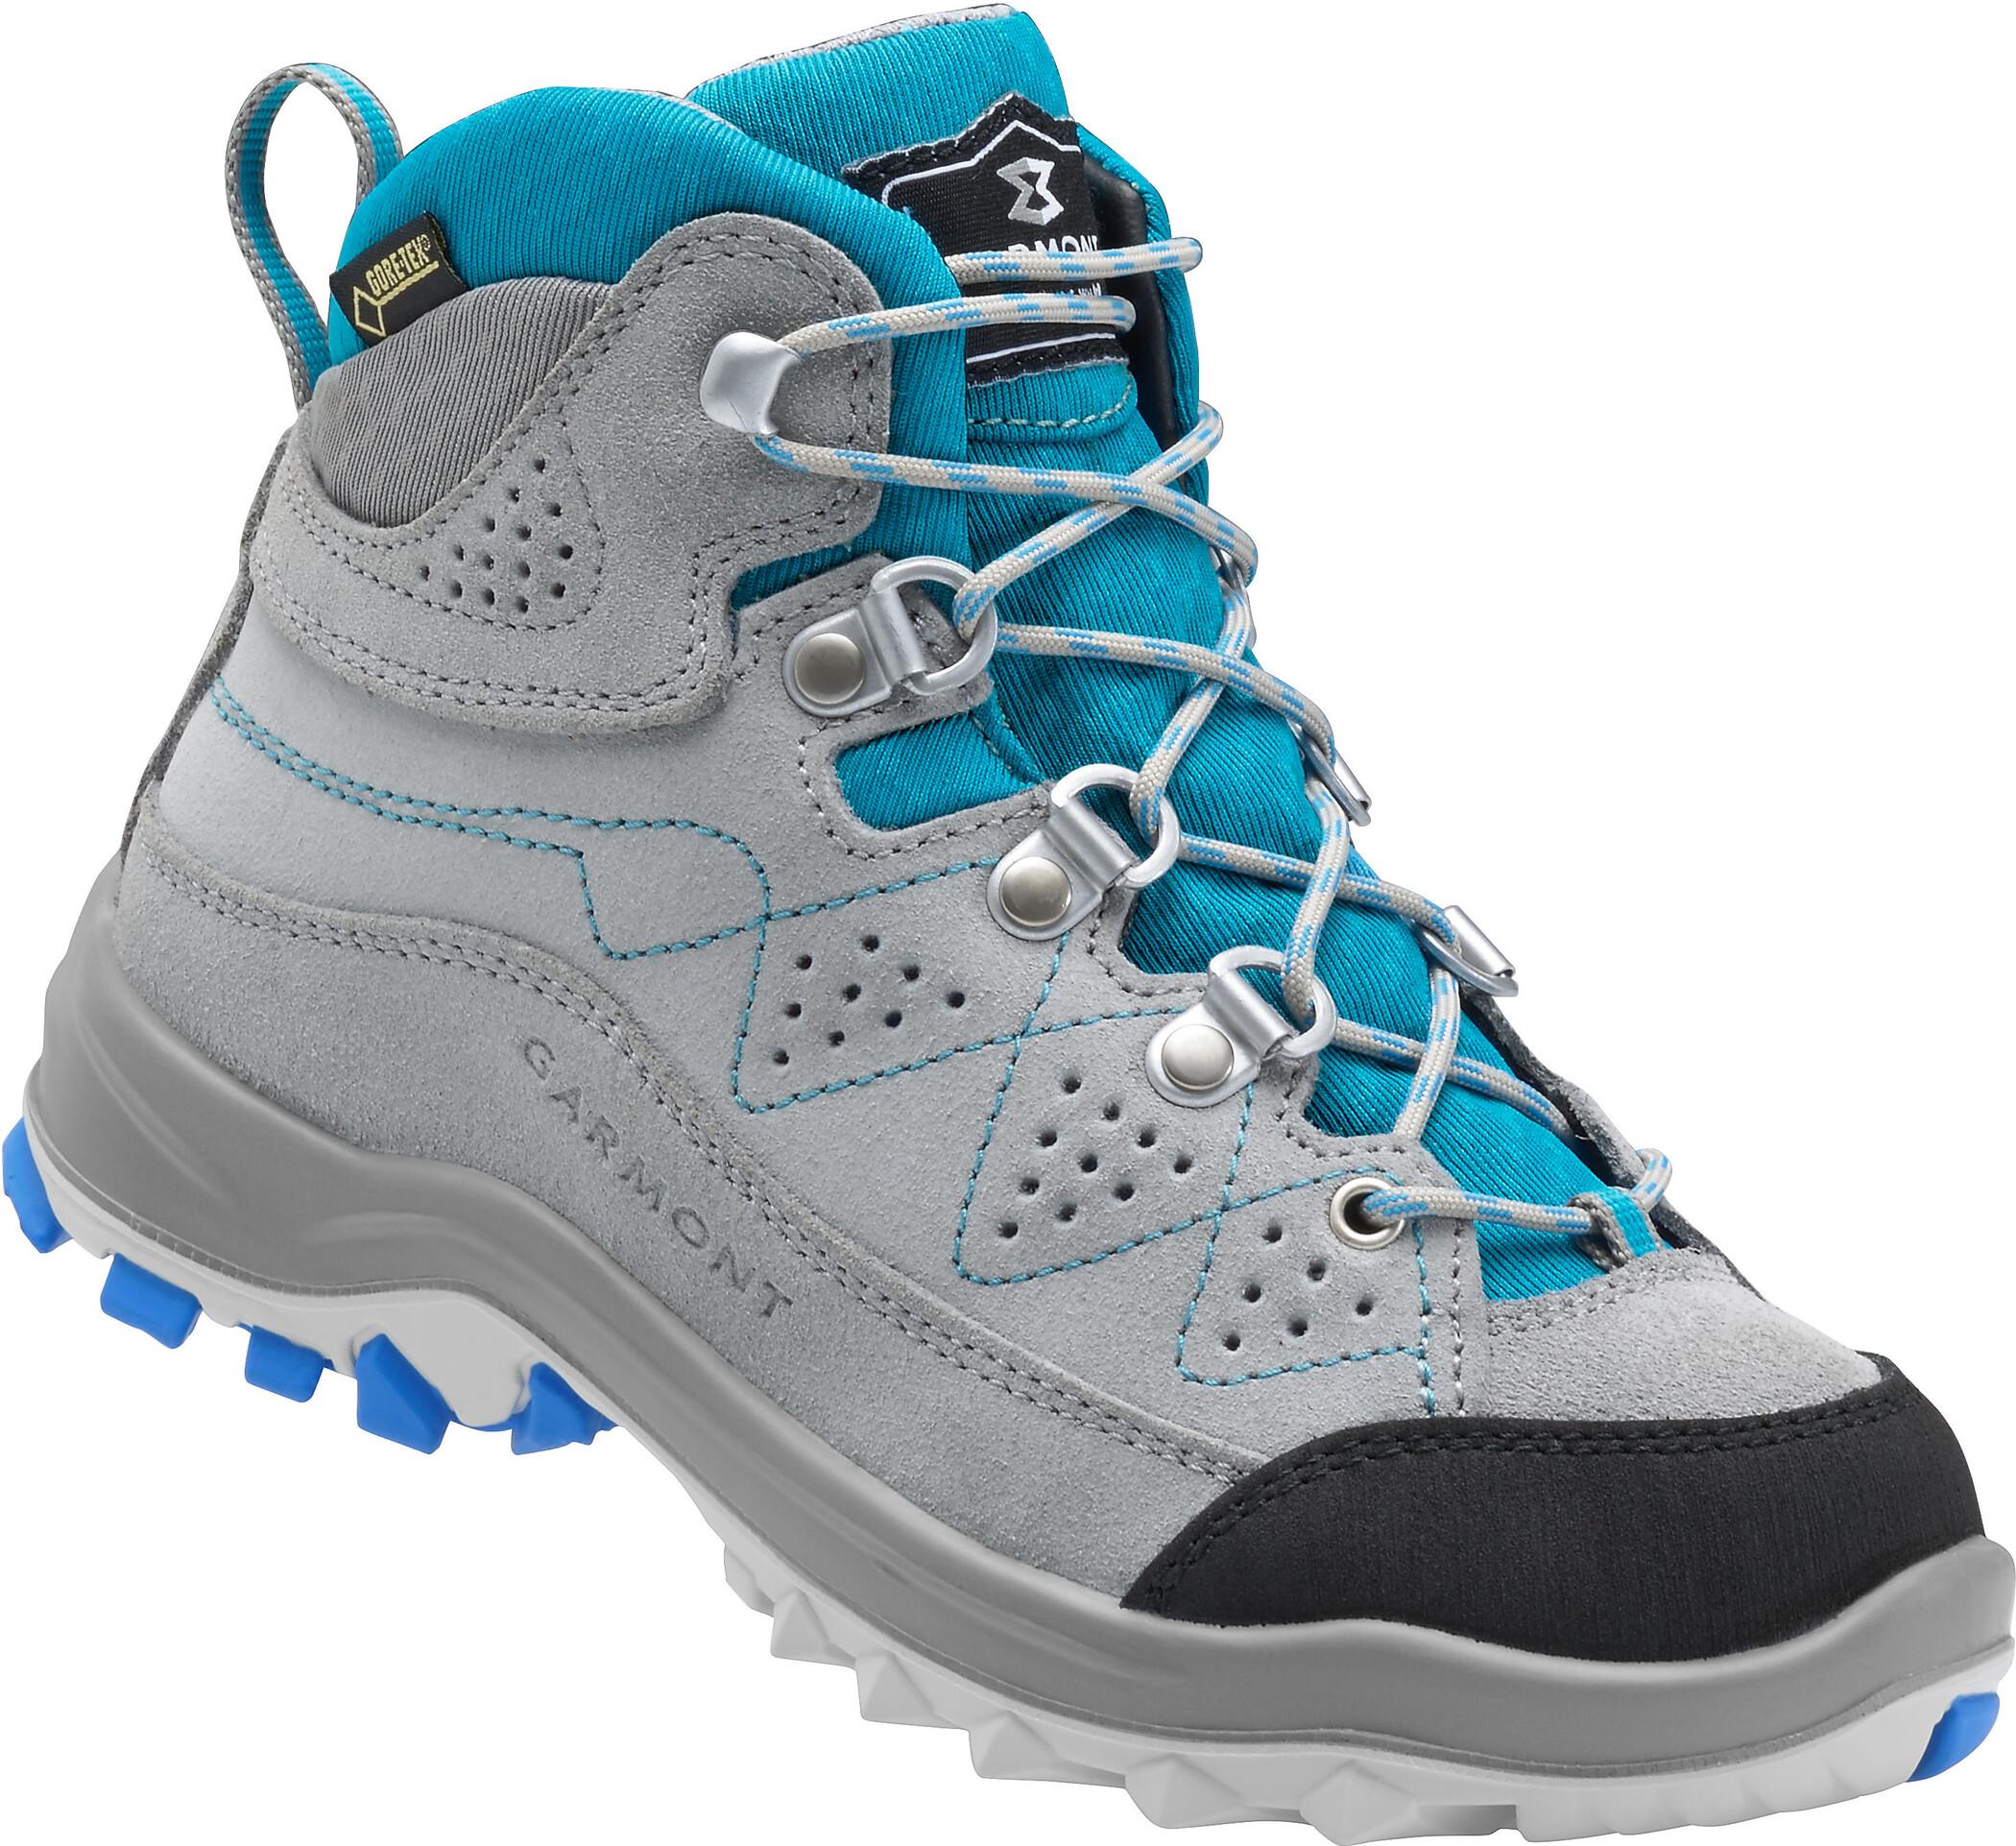 online store 3528d b2463 Garmont Escape Tour GTX Shoes Kids grey aqua blue.jpg